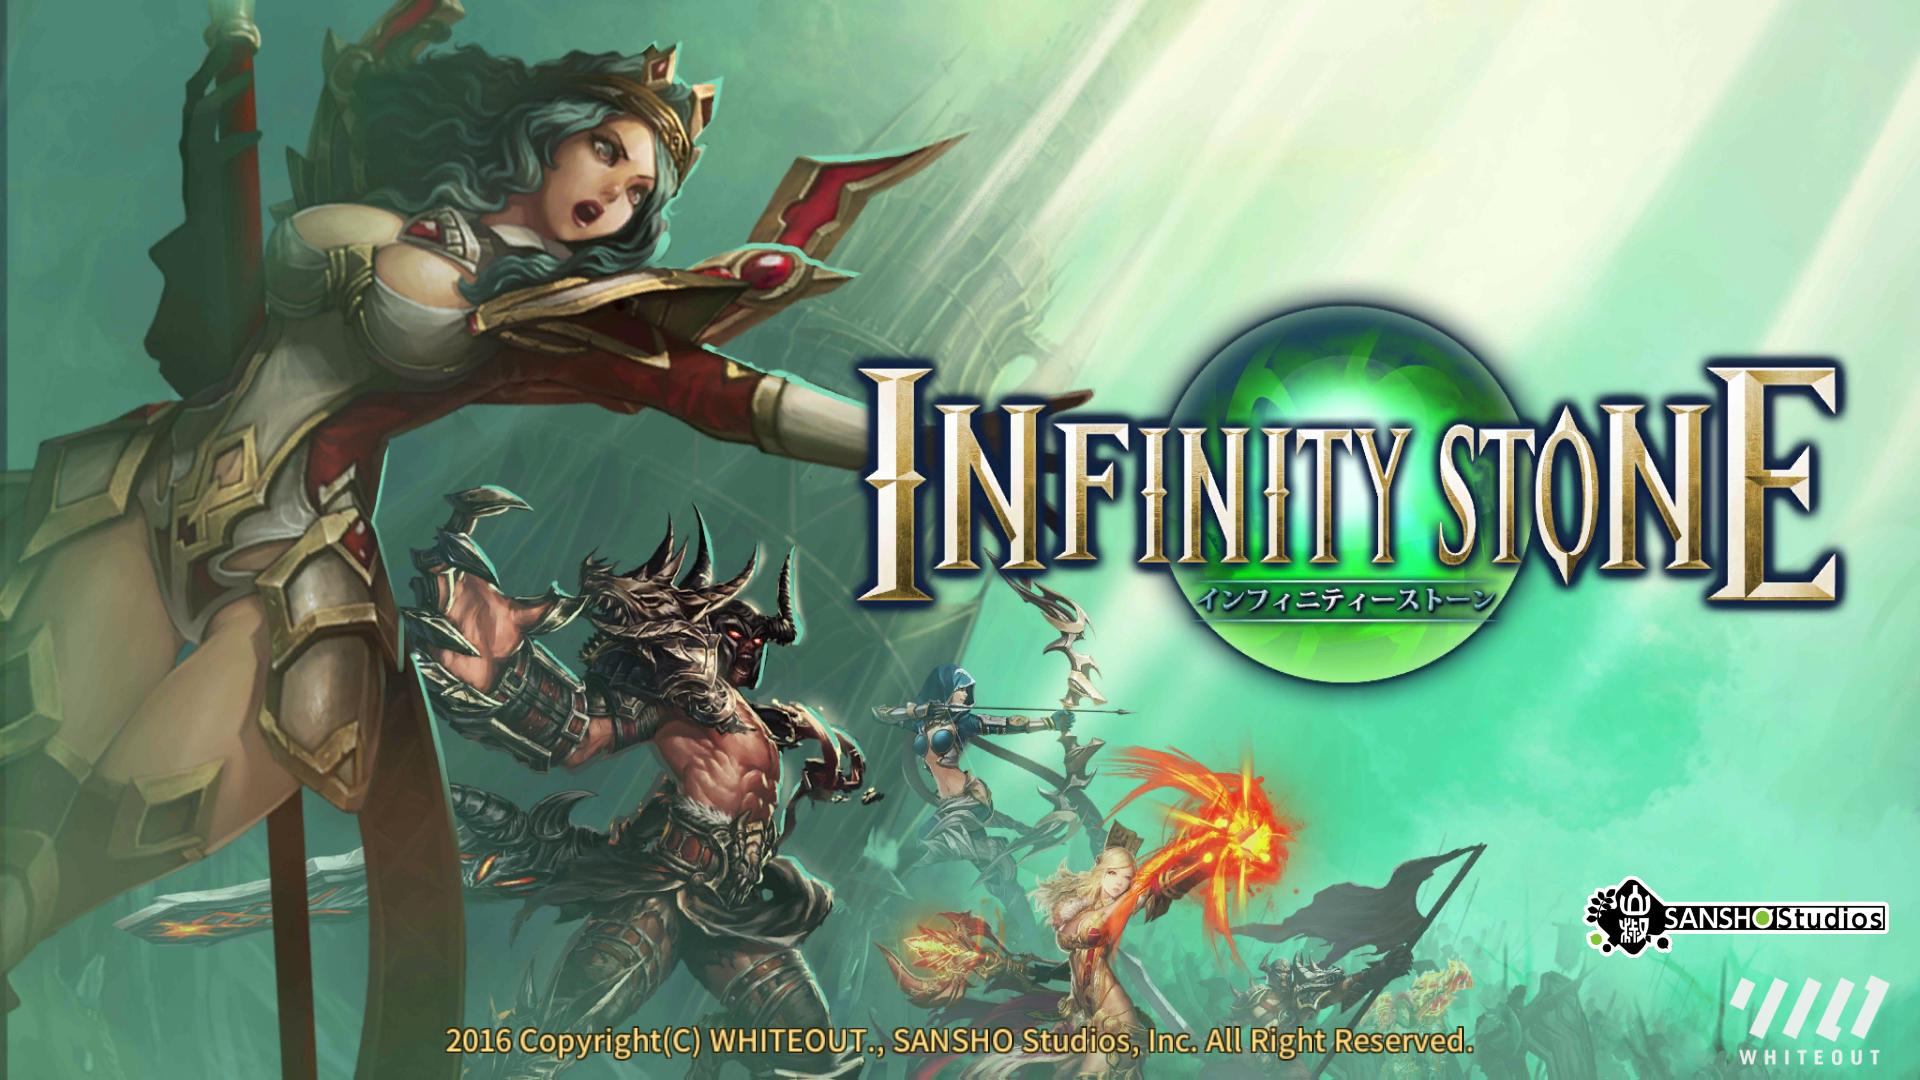 androidアプリ インフィニティストーン(Infinity Stone)攻略スクリーンショット1